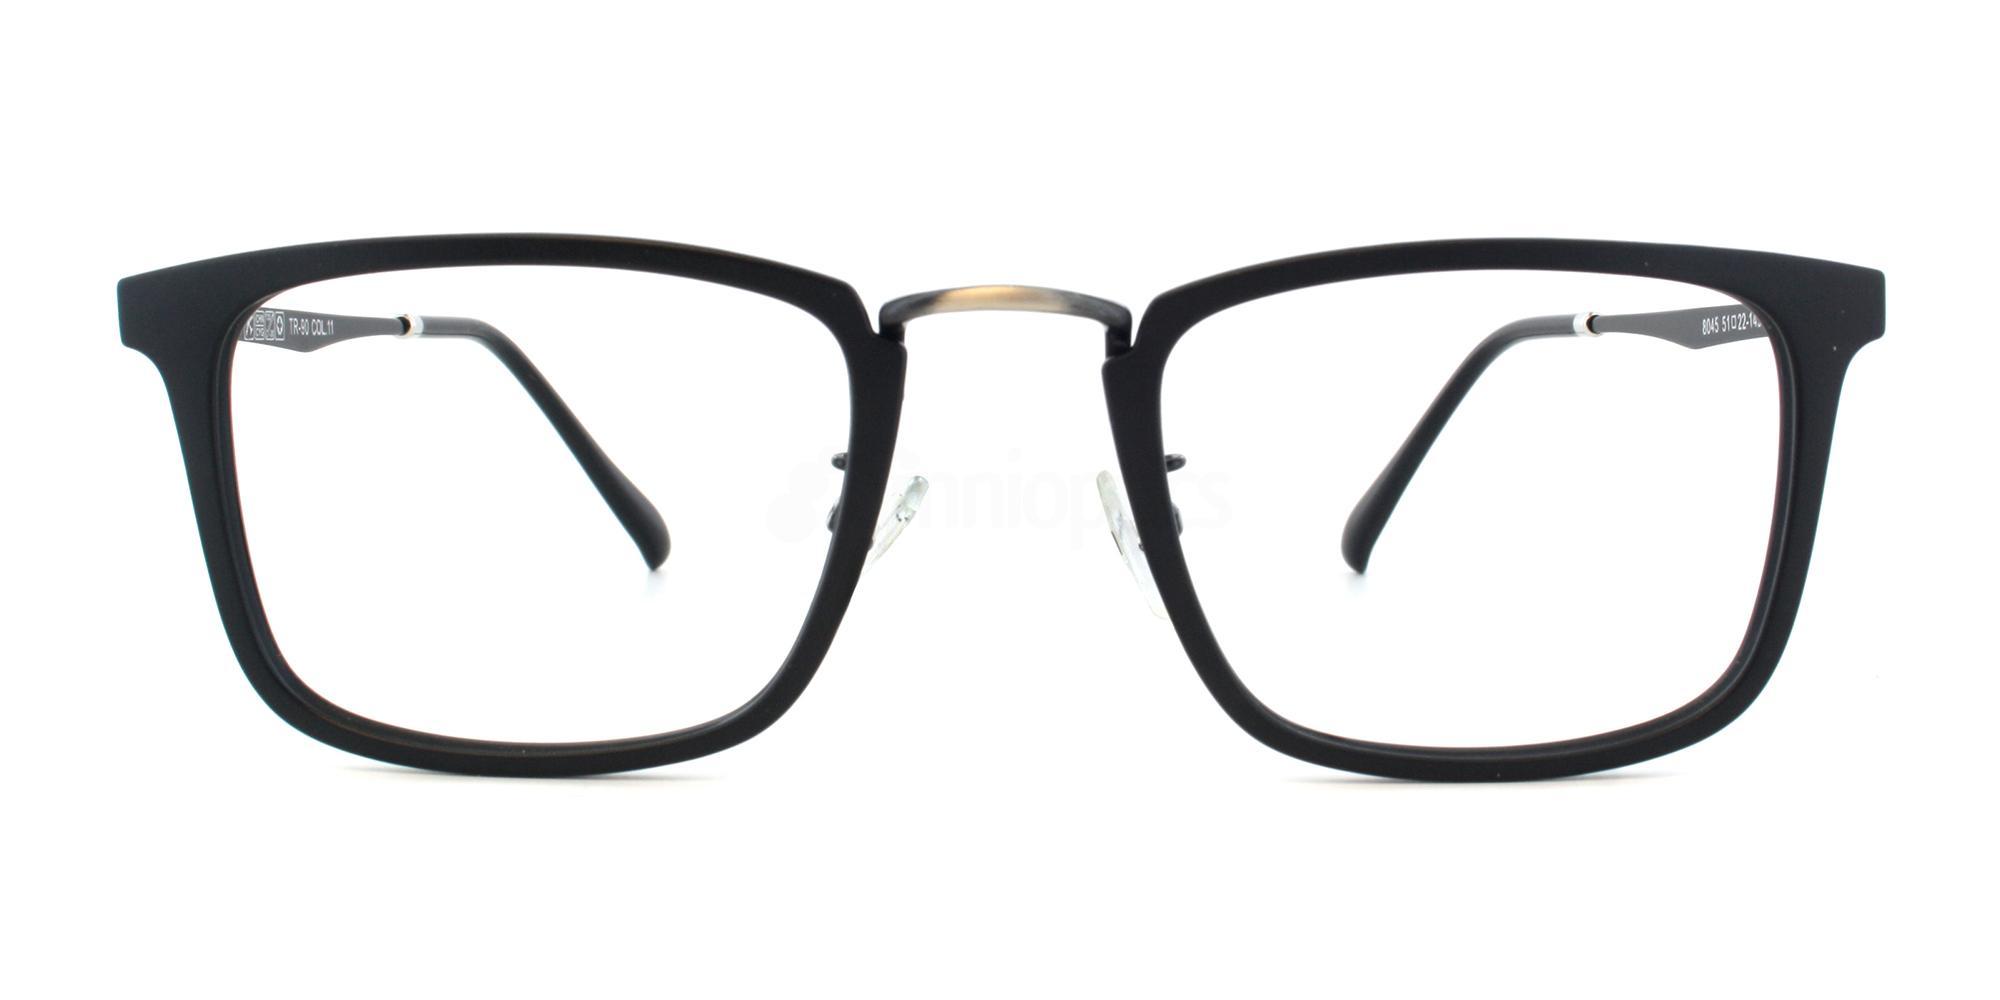 C11 8045 Glasses, SelectSpecs